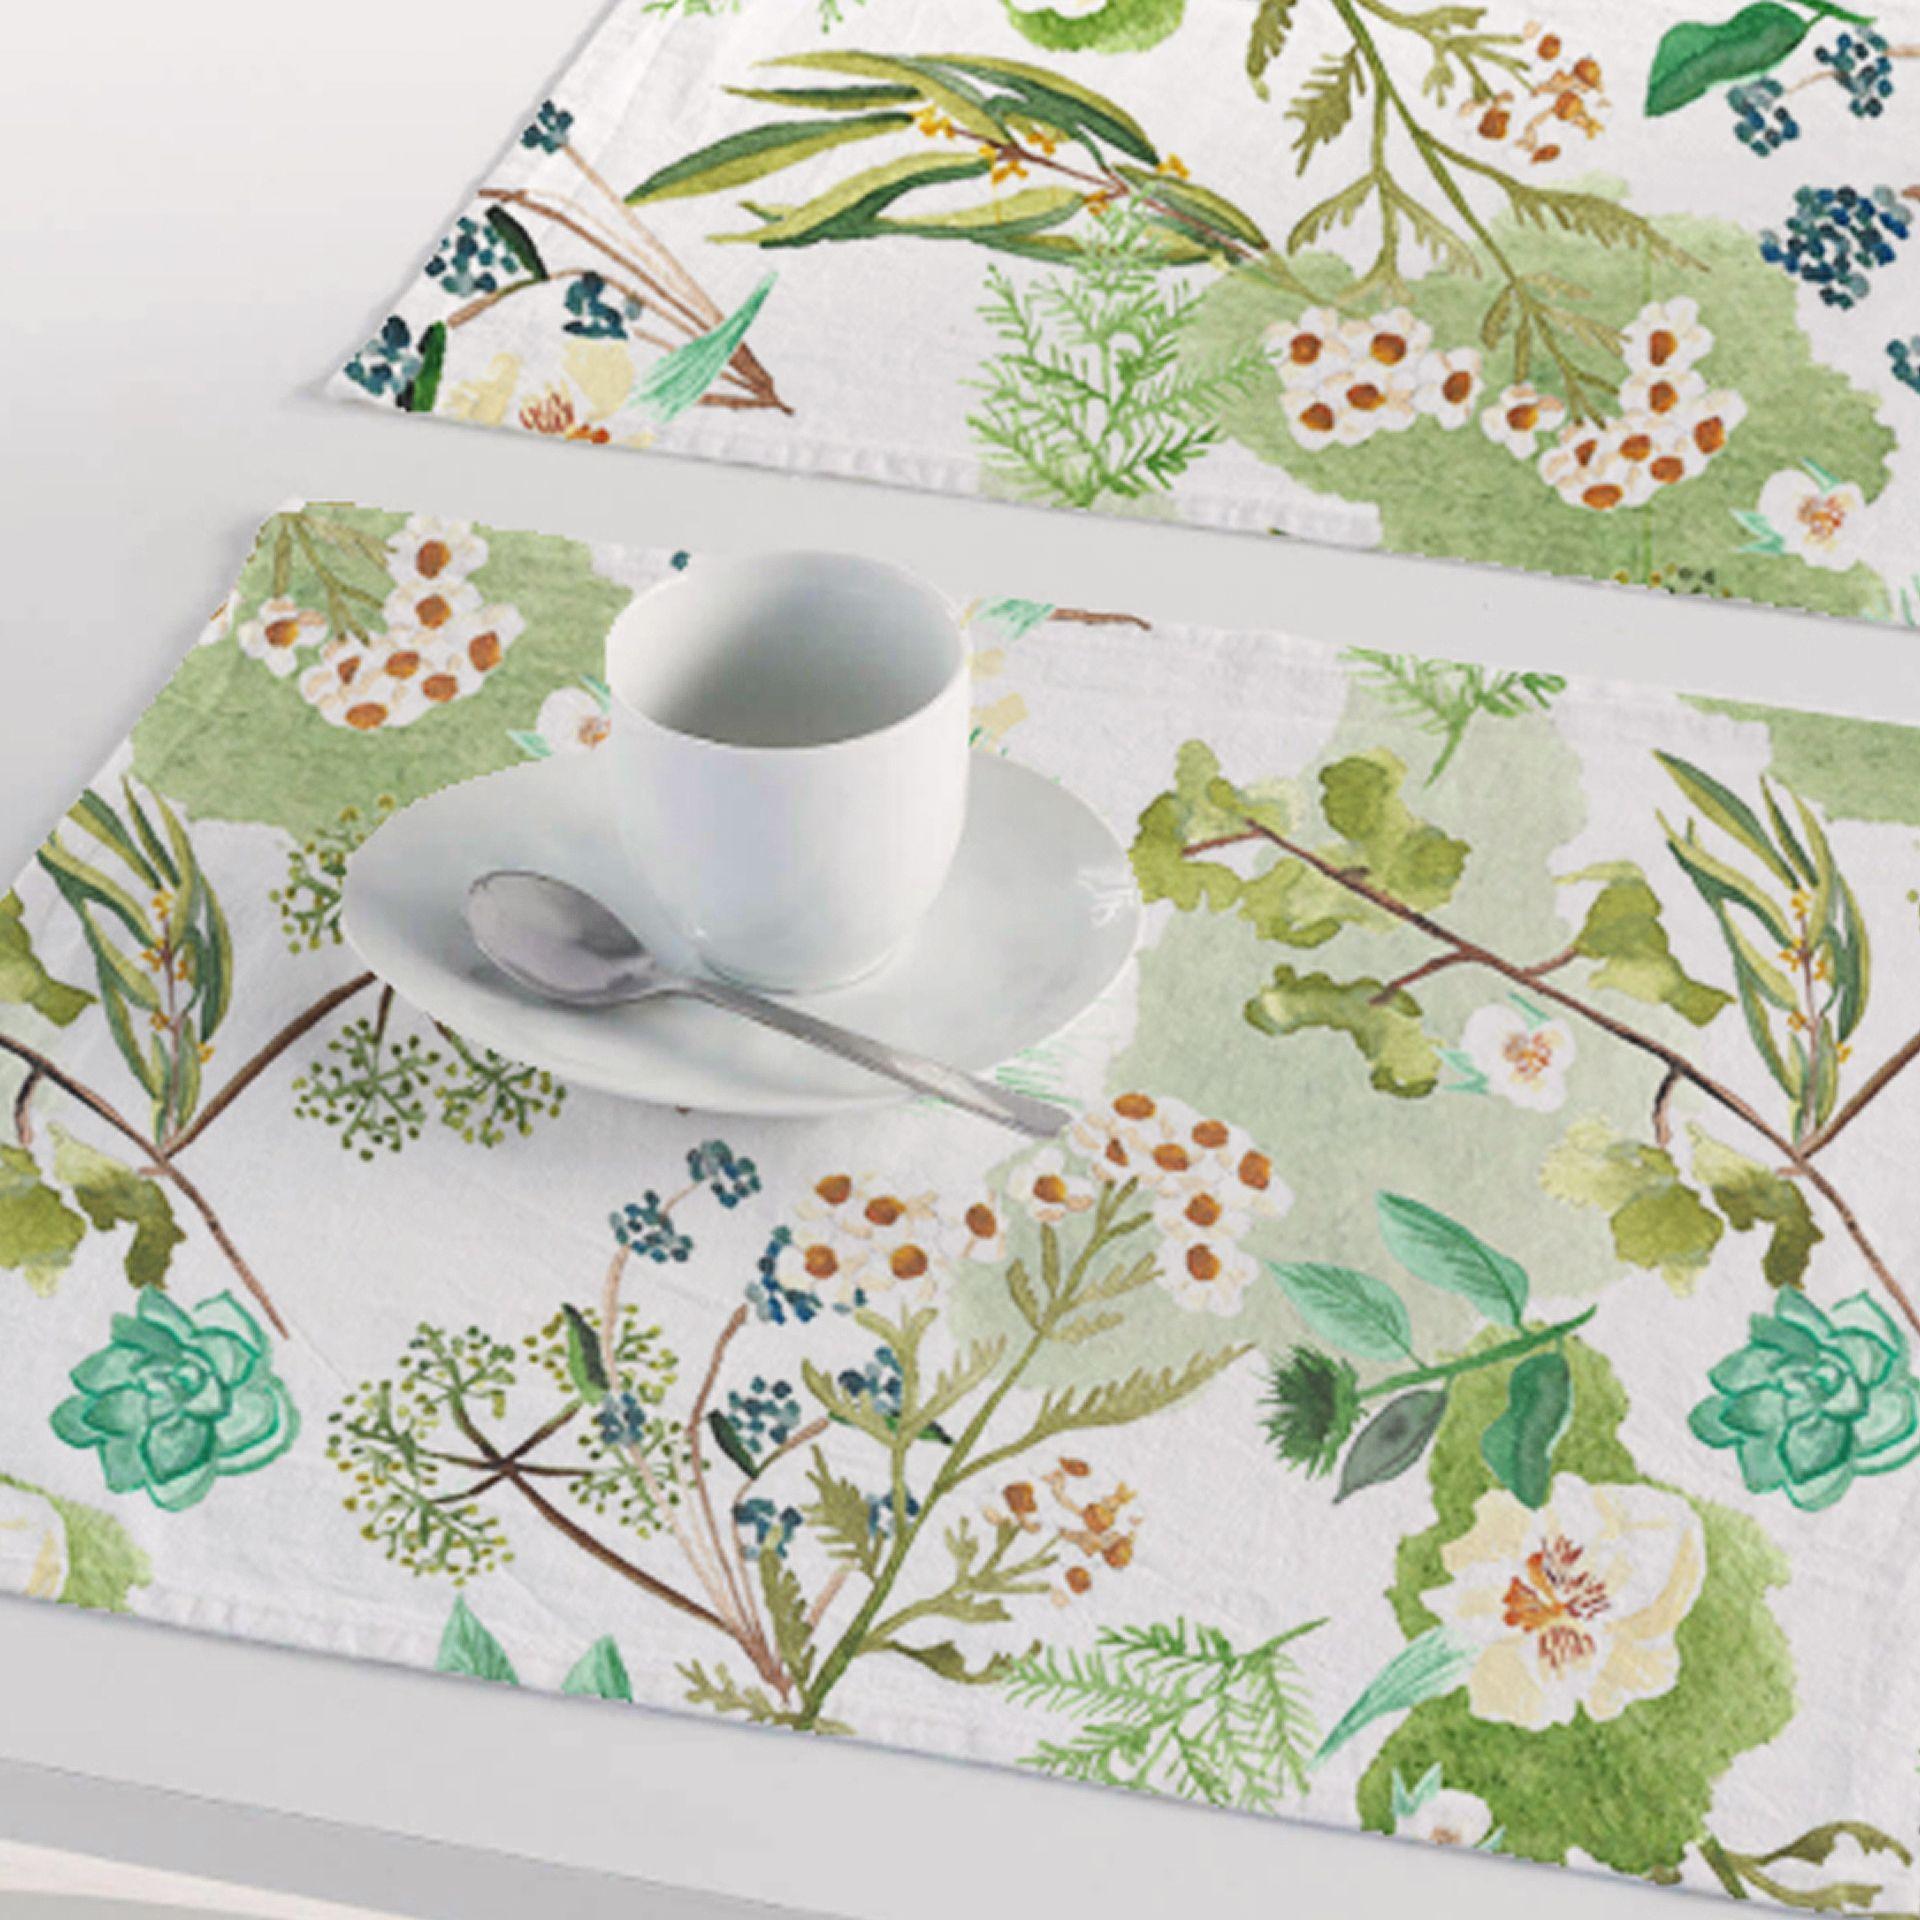 diseño-de-estampados-botanicos-textil